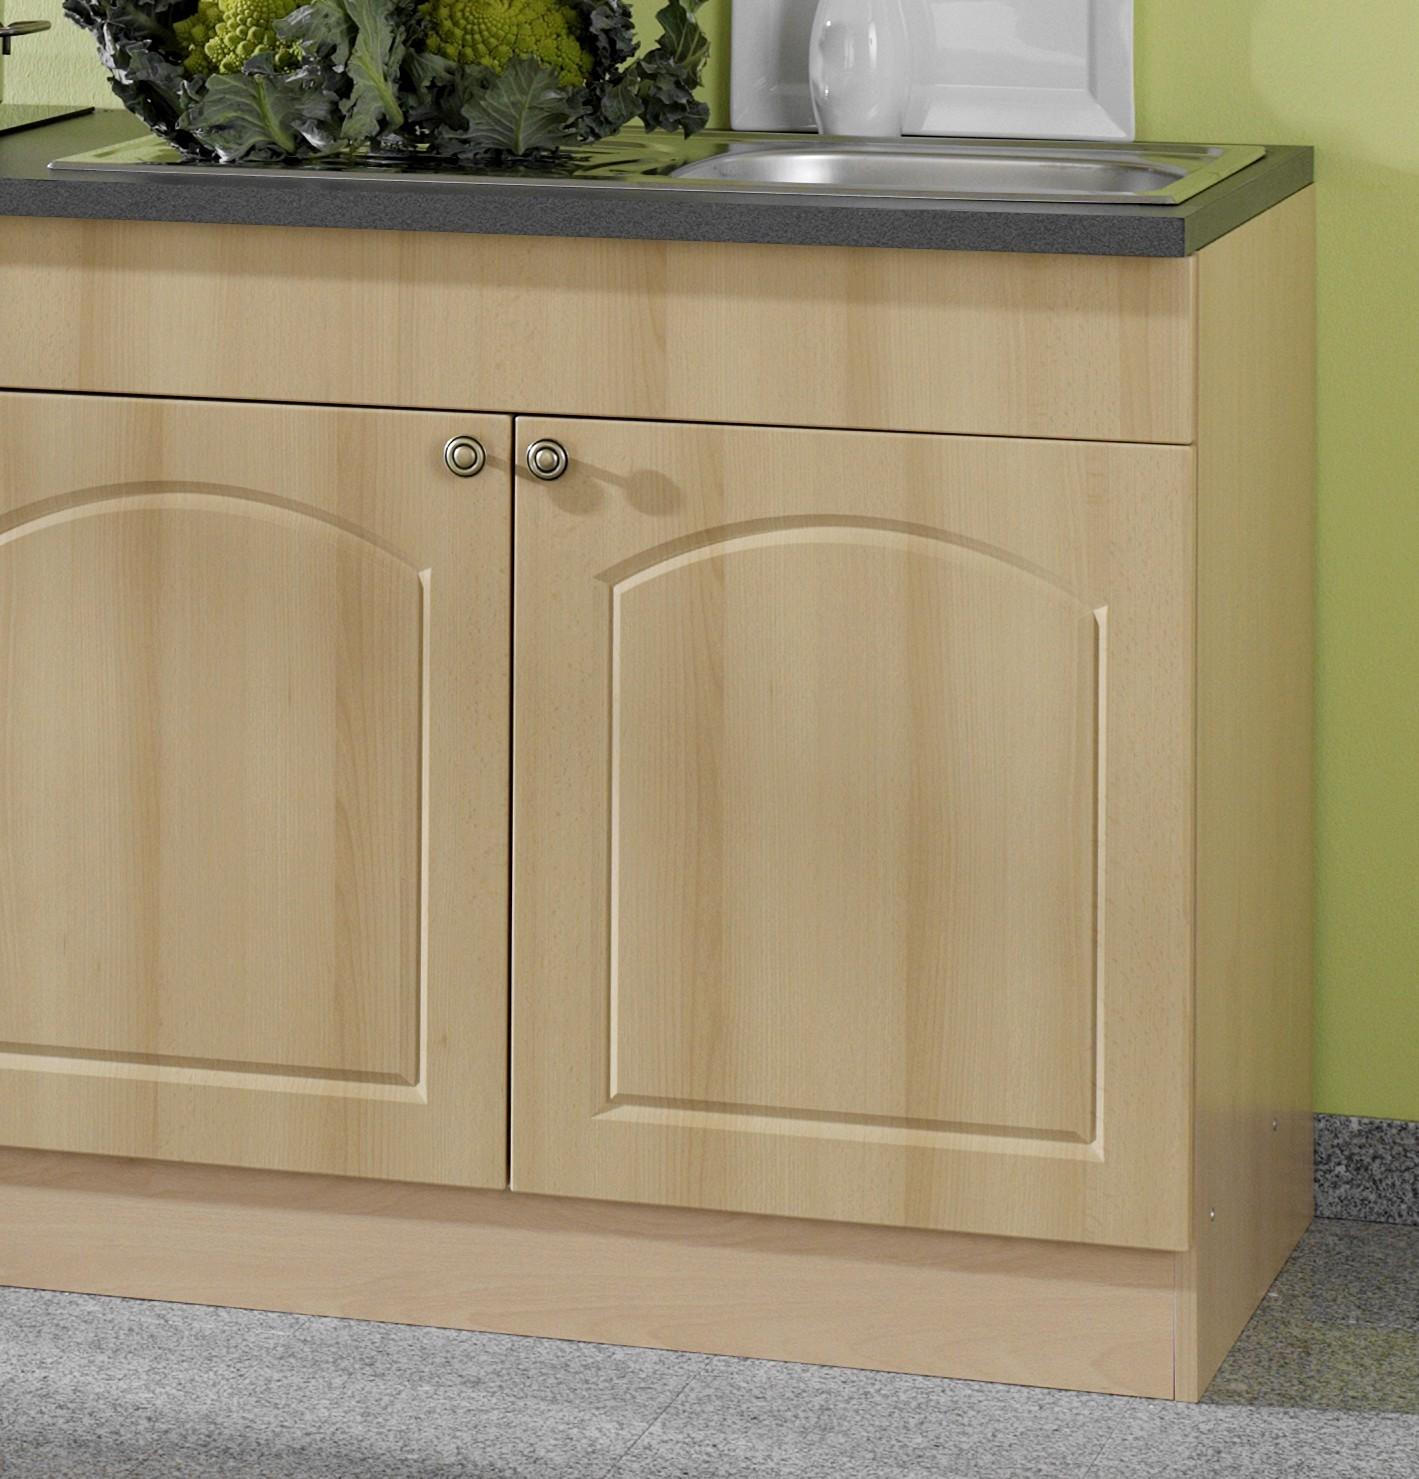 Küchenzeile Boston ~ küchenzeile boston küche mit e geräten breite 210 cm